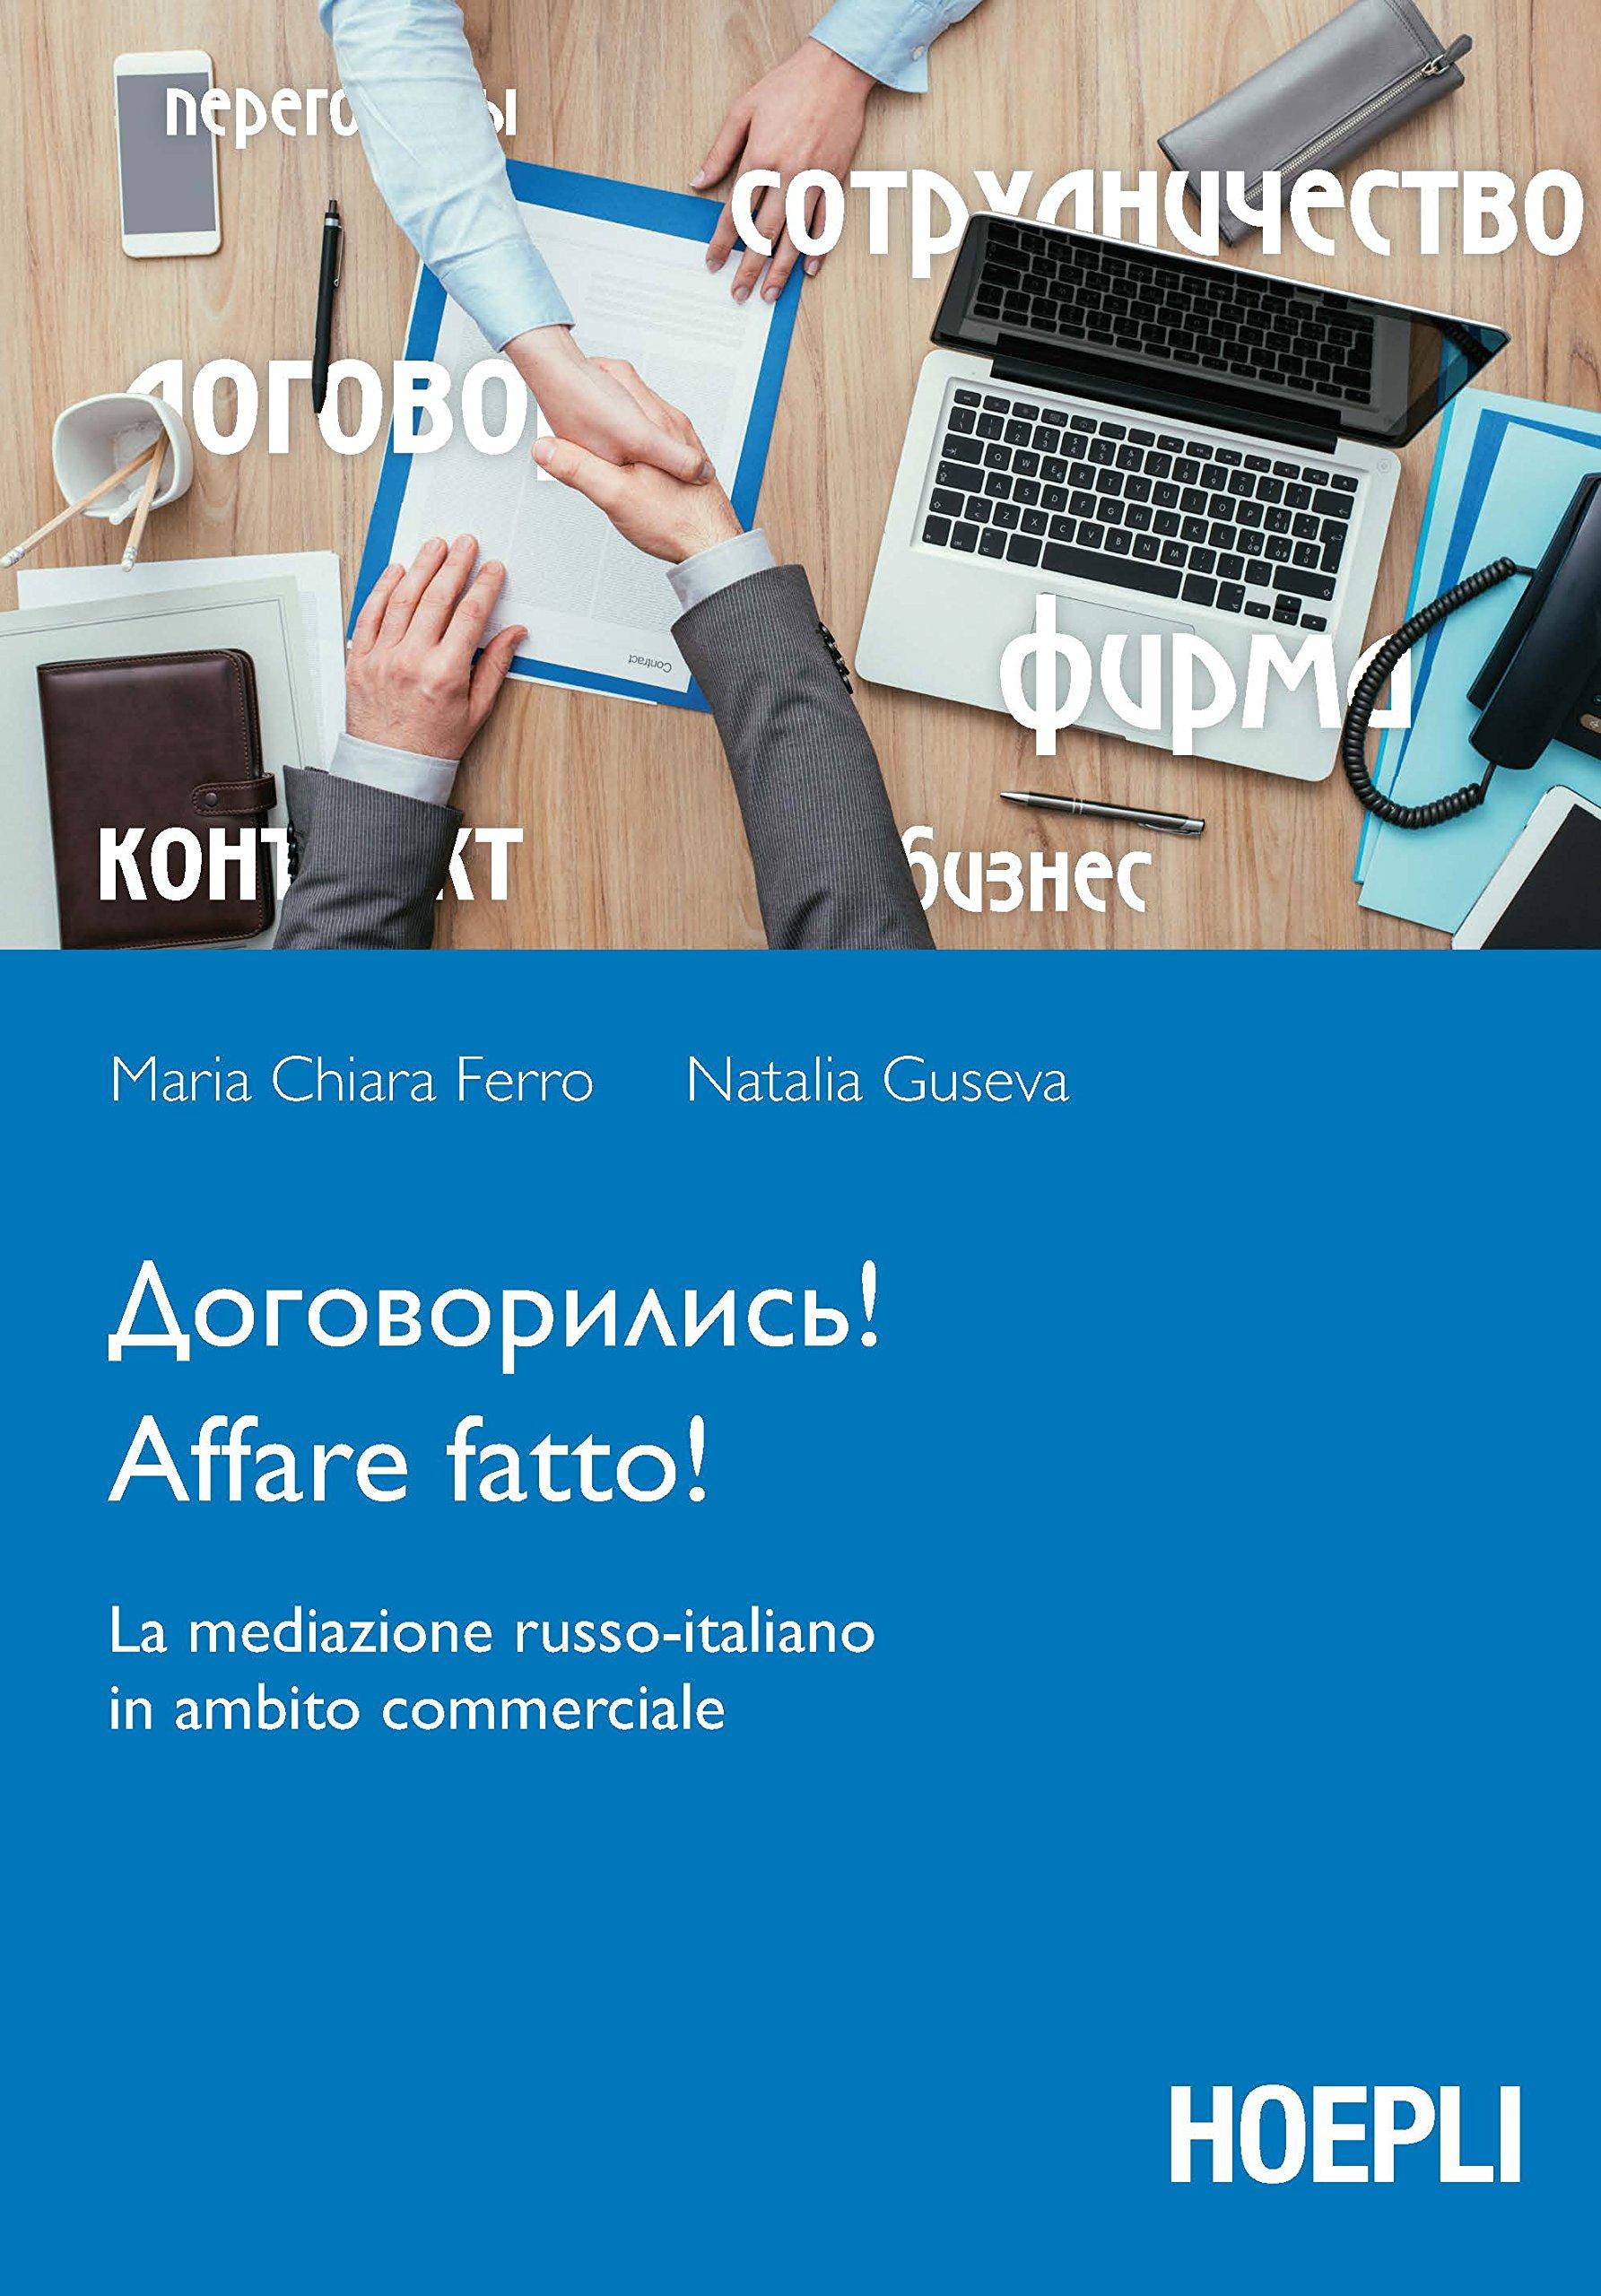 Affare fatto! La mediazione russo-italiano in ambito commerciale: 1 Copertina flessibile – 24 feb 2017 Maria Chiara Ferro Natalia Guseva Hoepli 8820375028